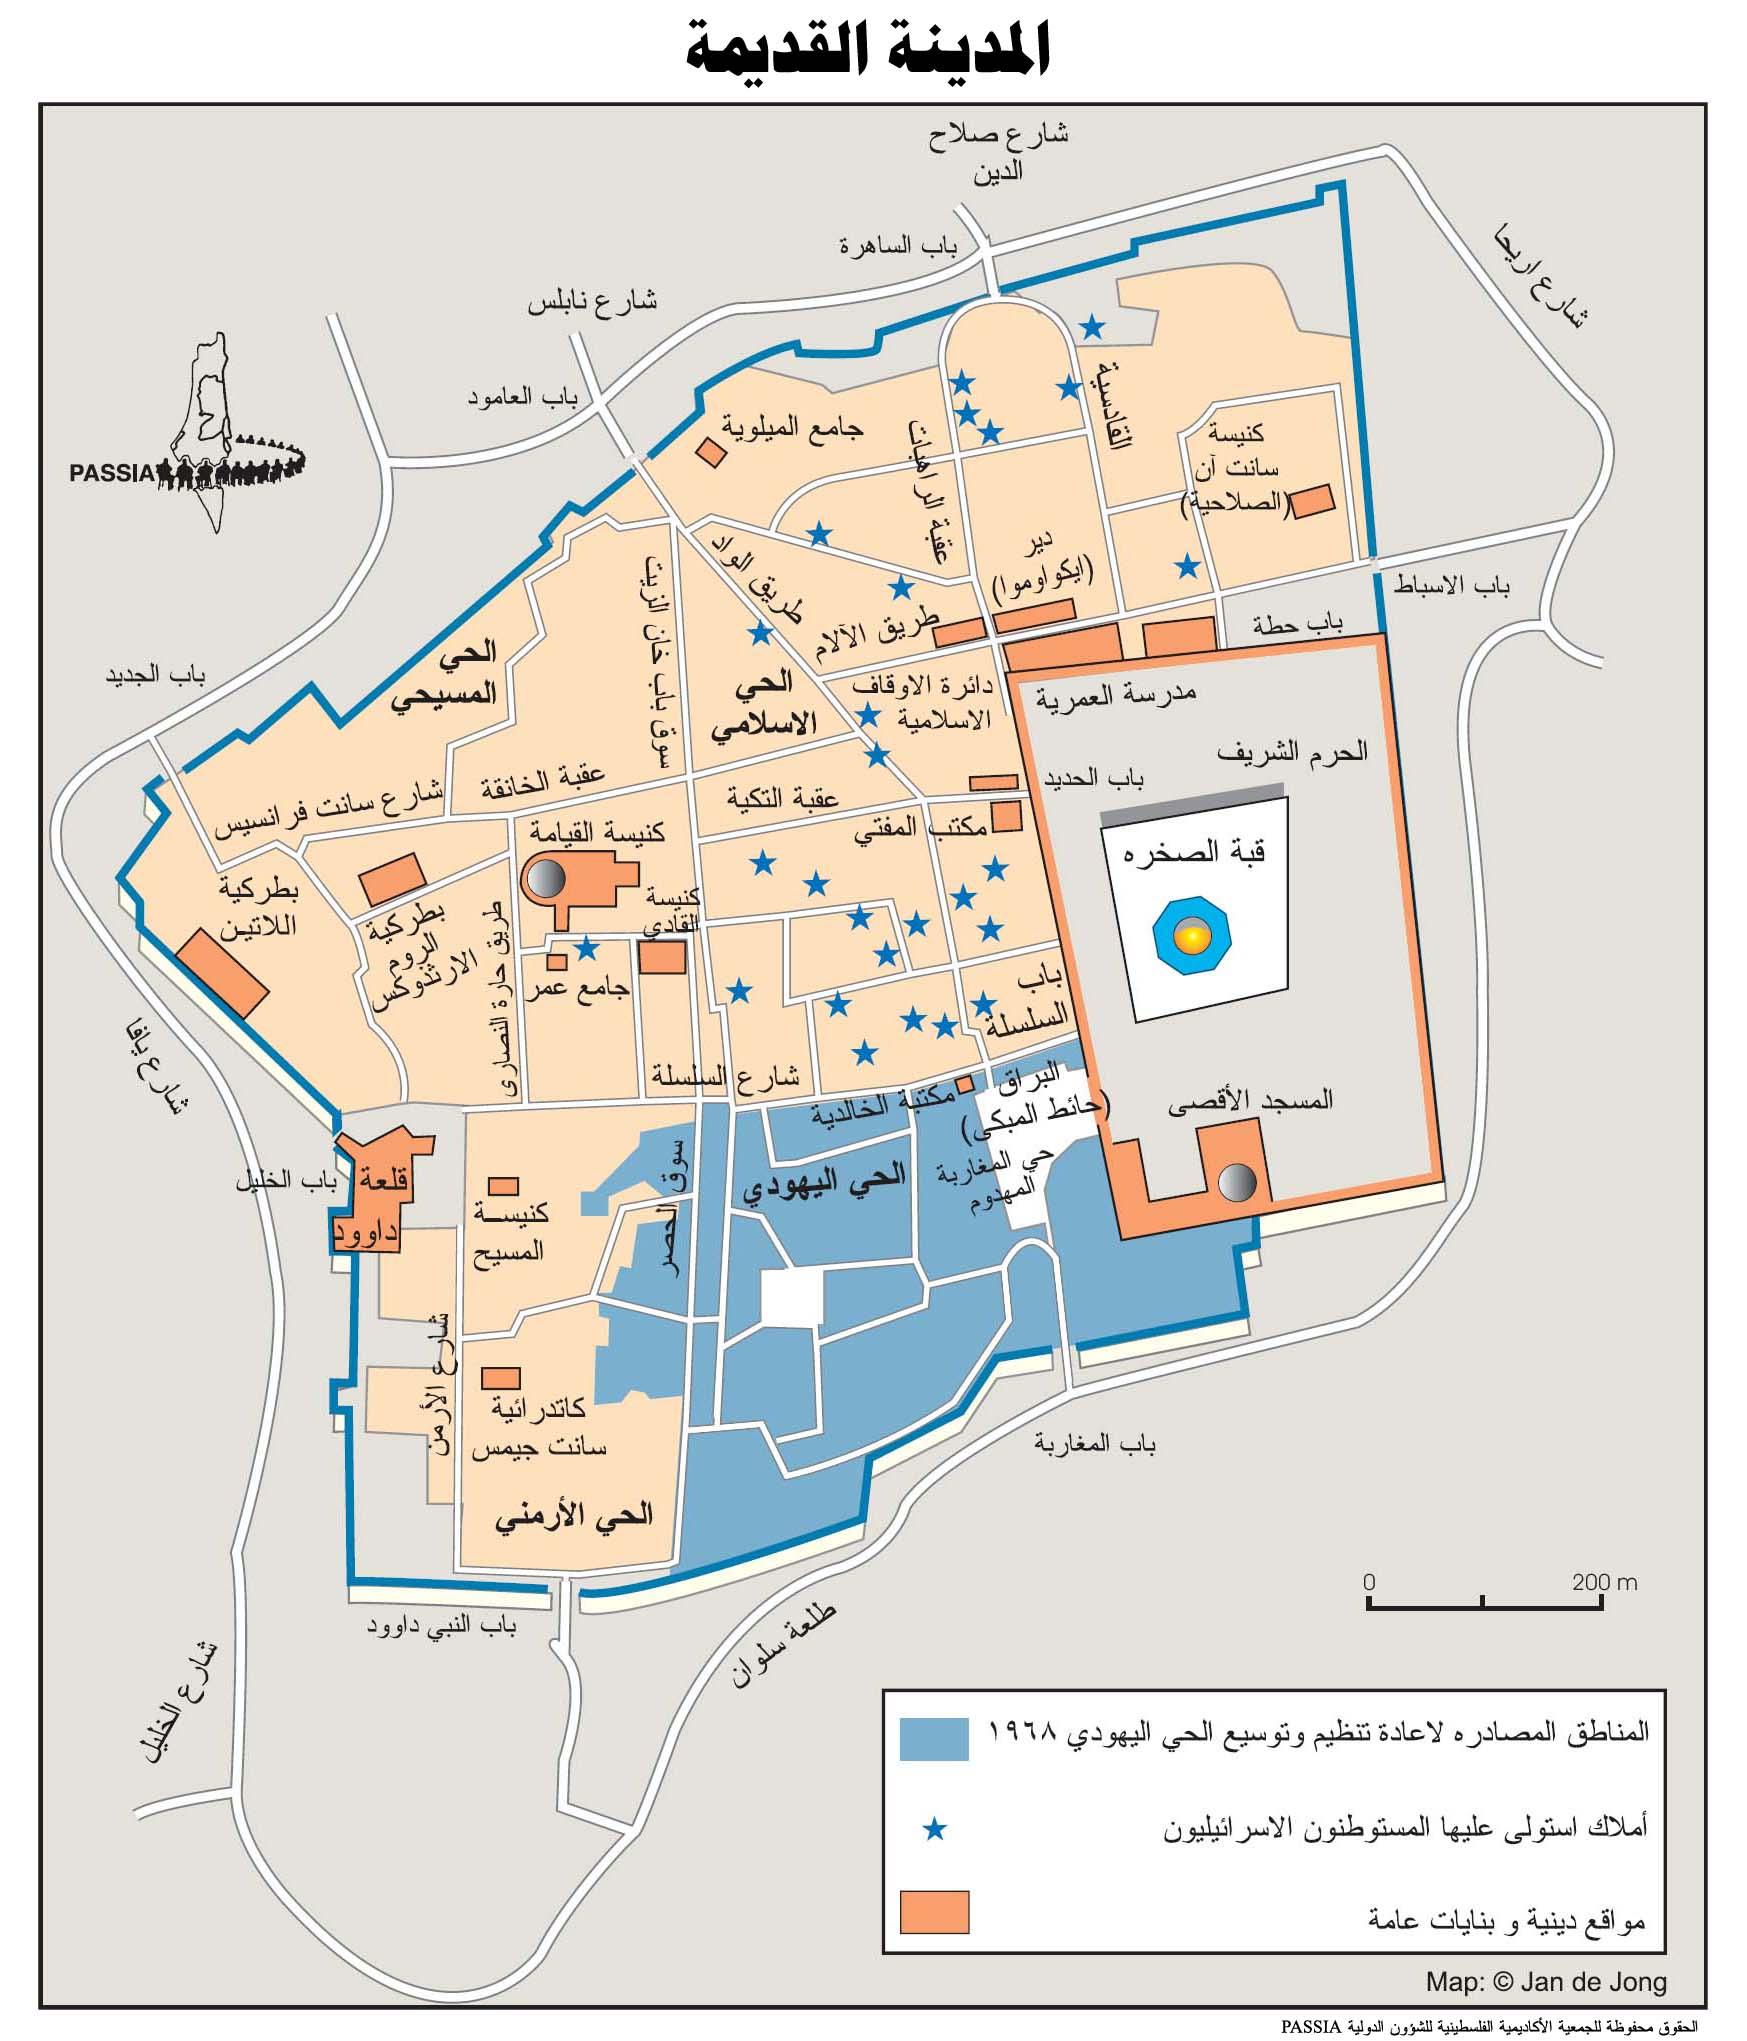 قام الصهاينة بهدم حارة المغاربة في 1967 وتهجير أهلها الفلسطينيين وبناء حي لليهود بمكانها